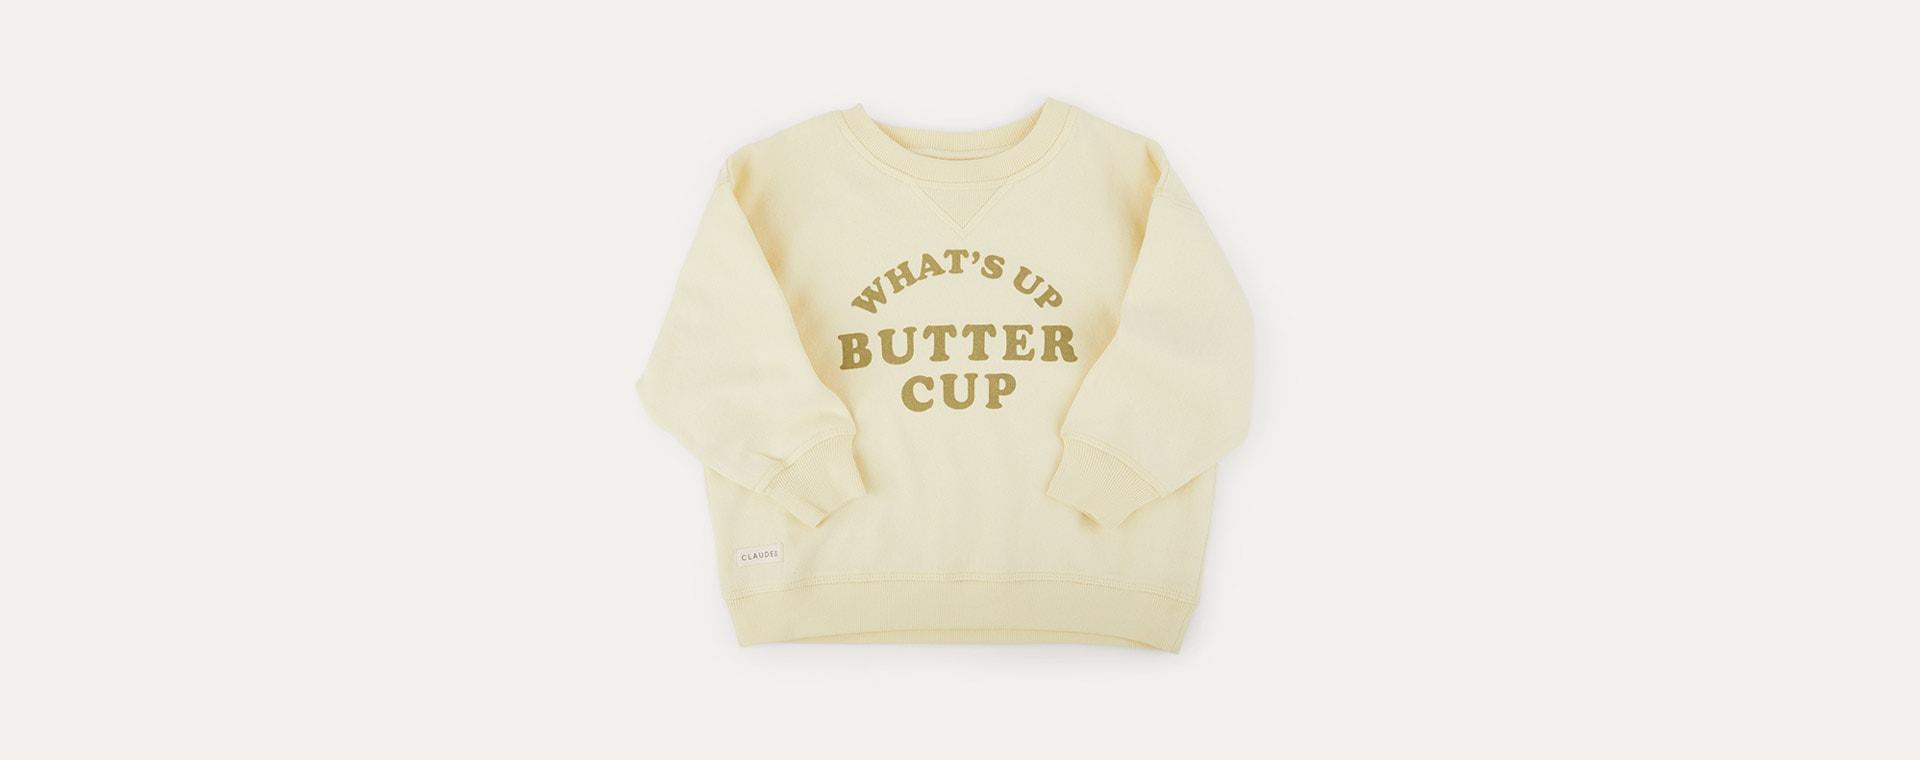 Buttercup Claude & Co Sweatshirt